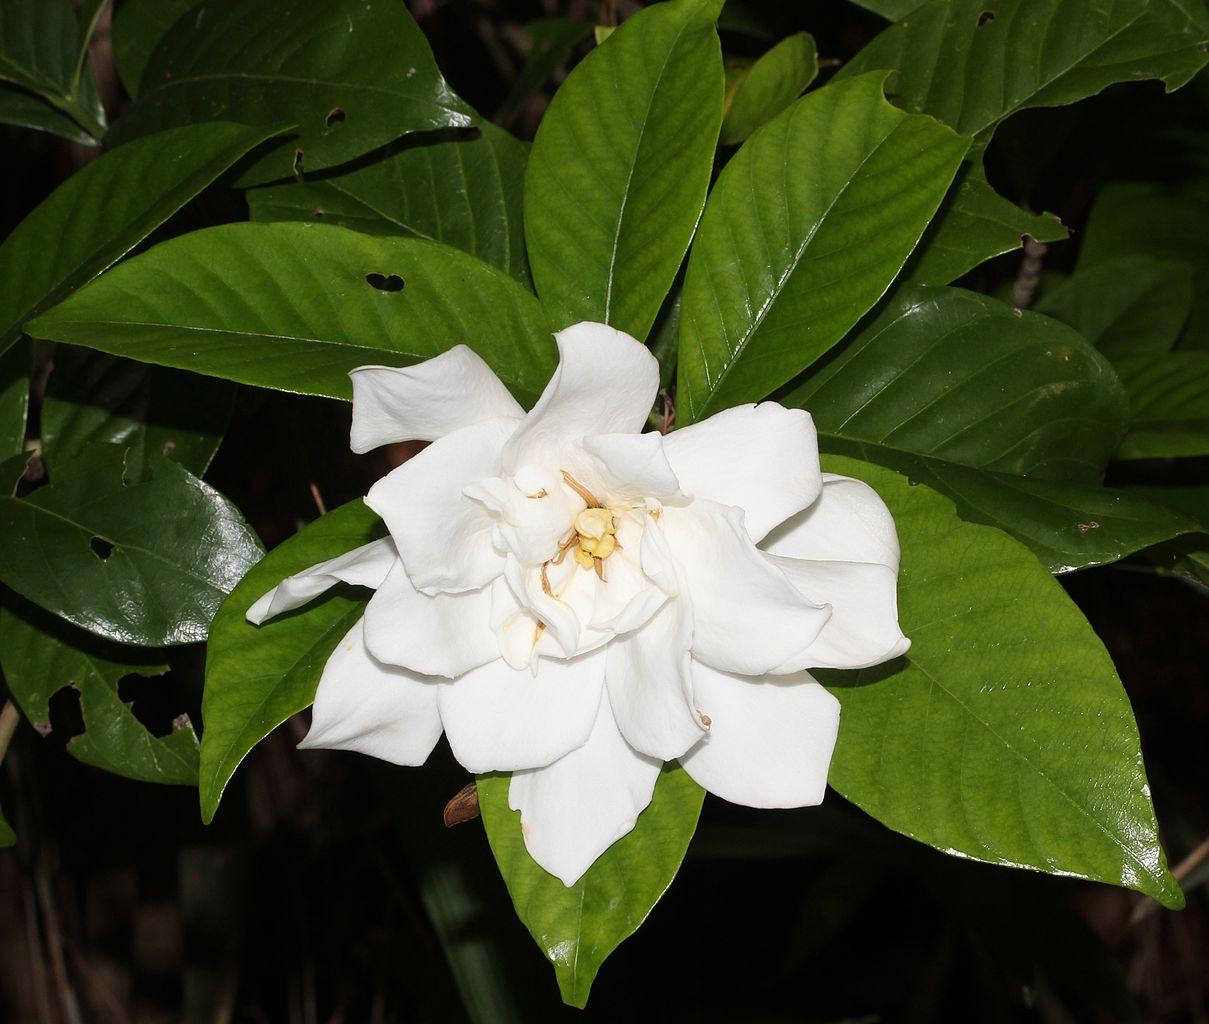 La Gardenia es un arbolito que produce flores blancas